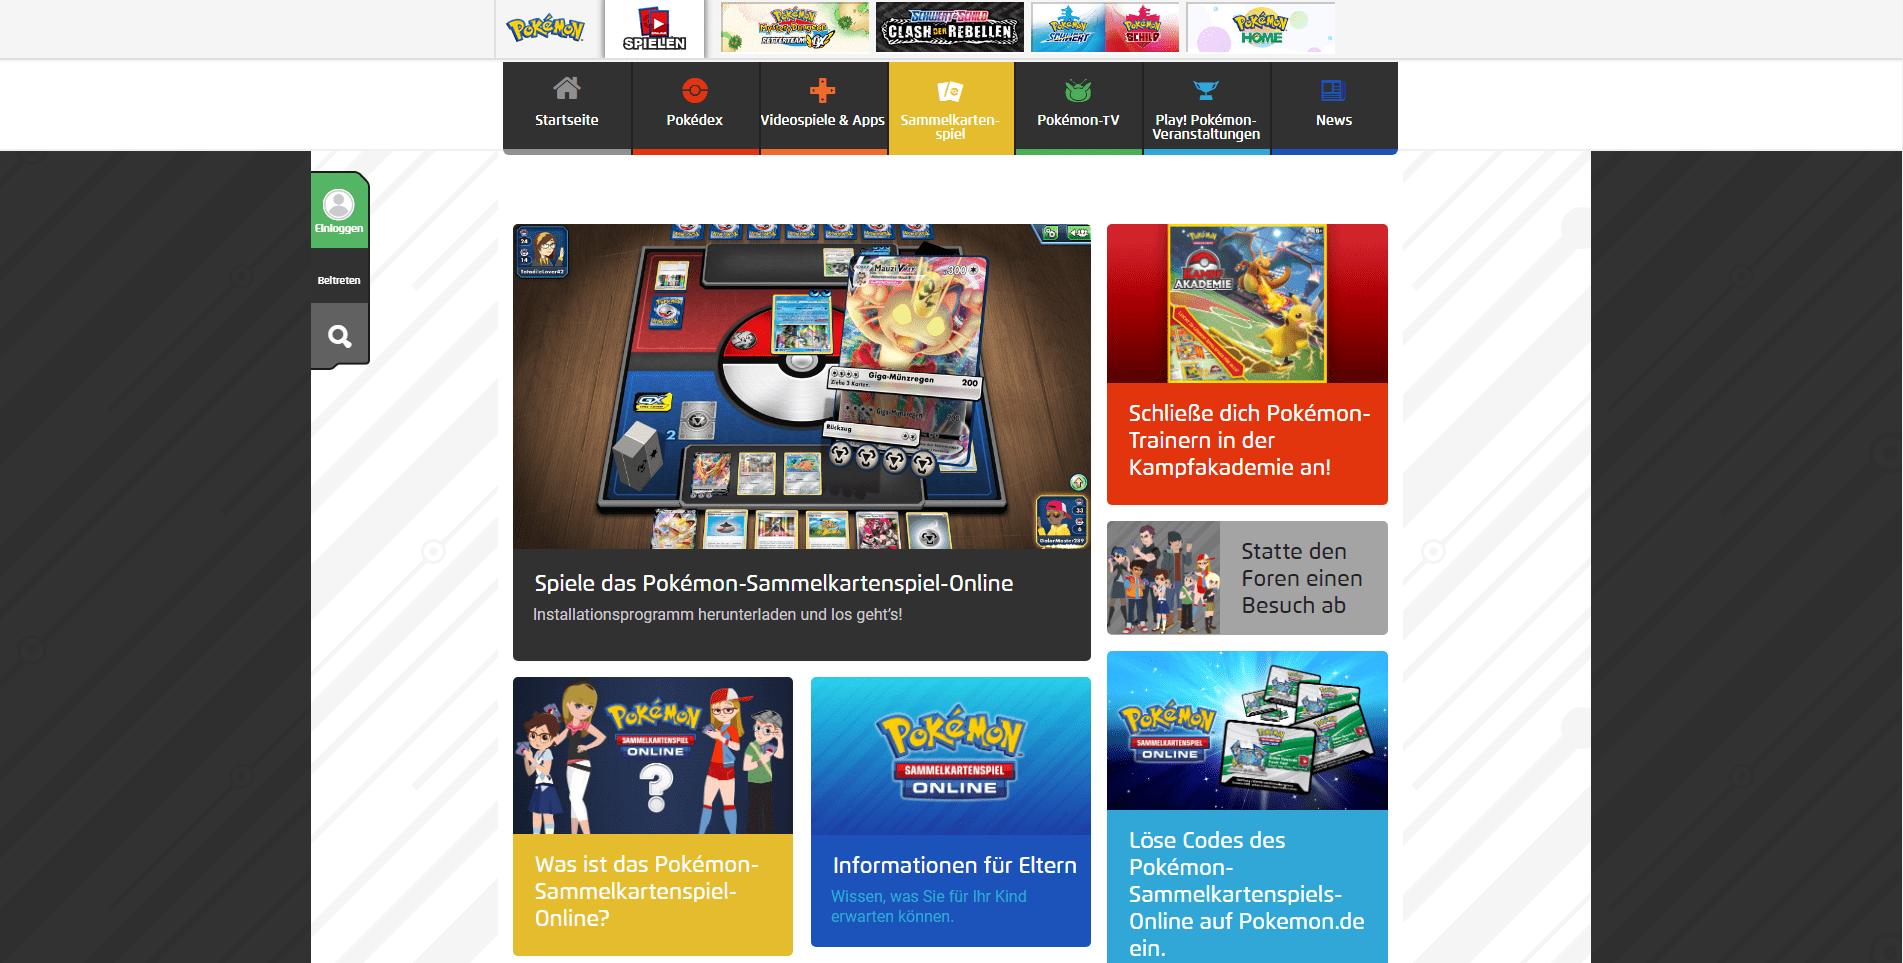 Pokemon Top 2